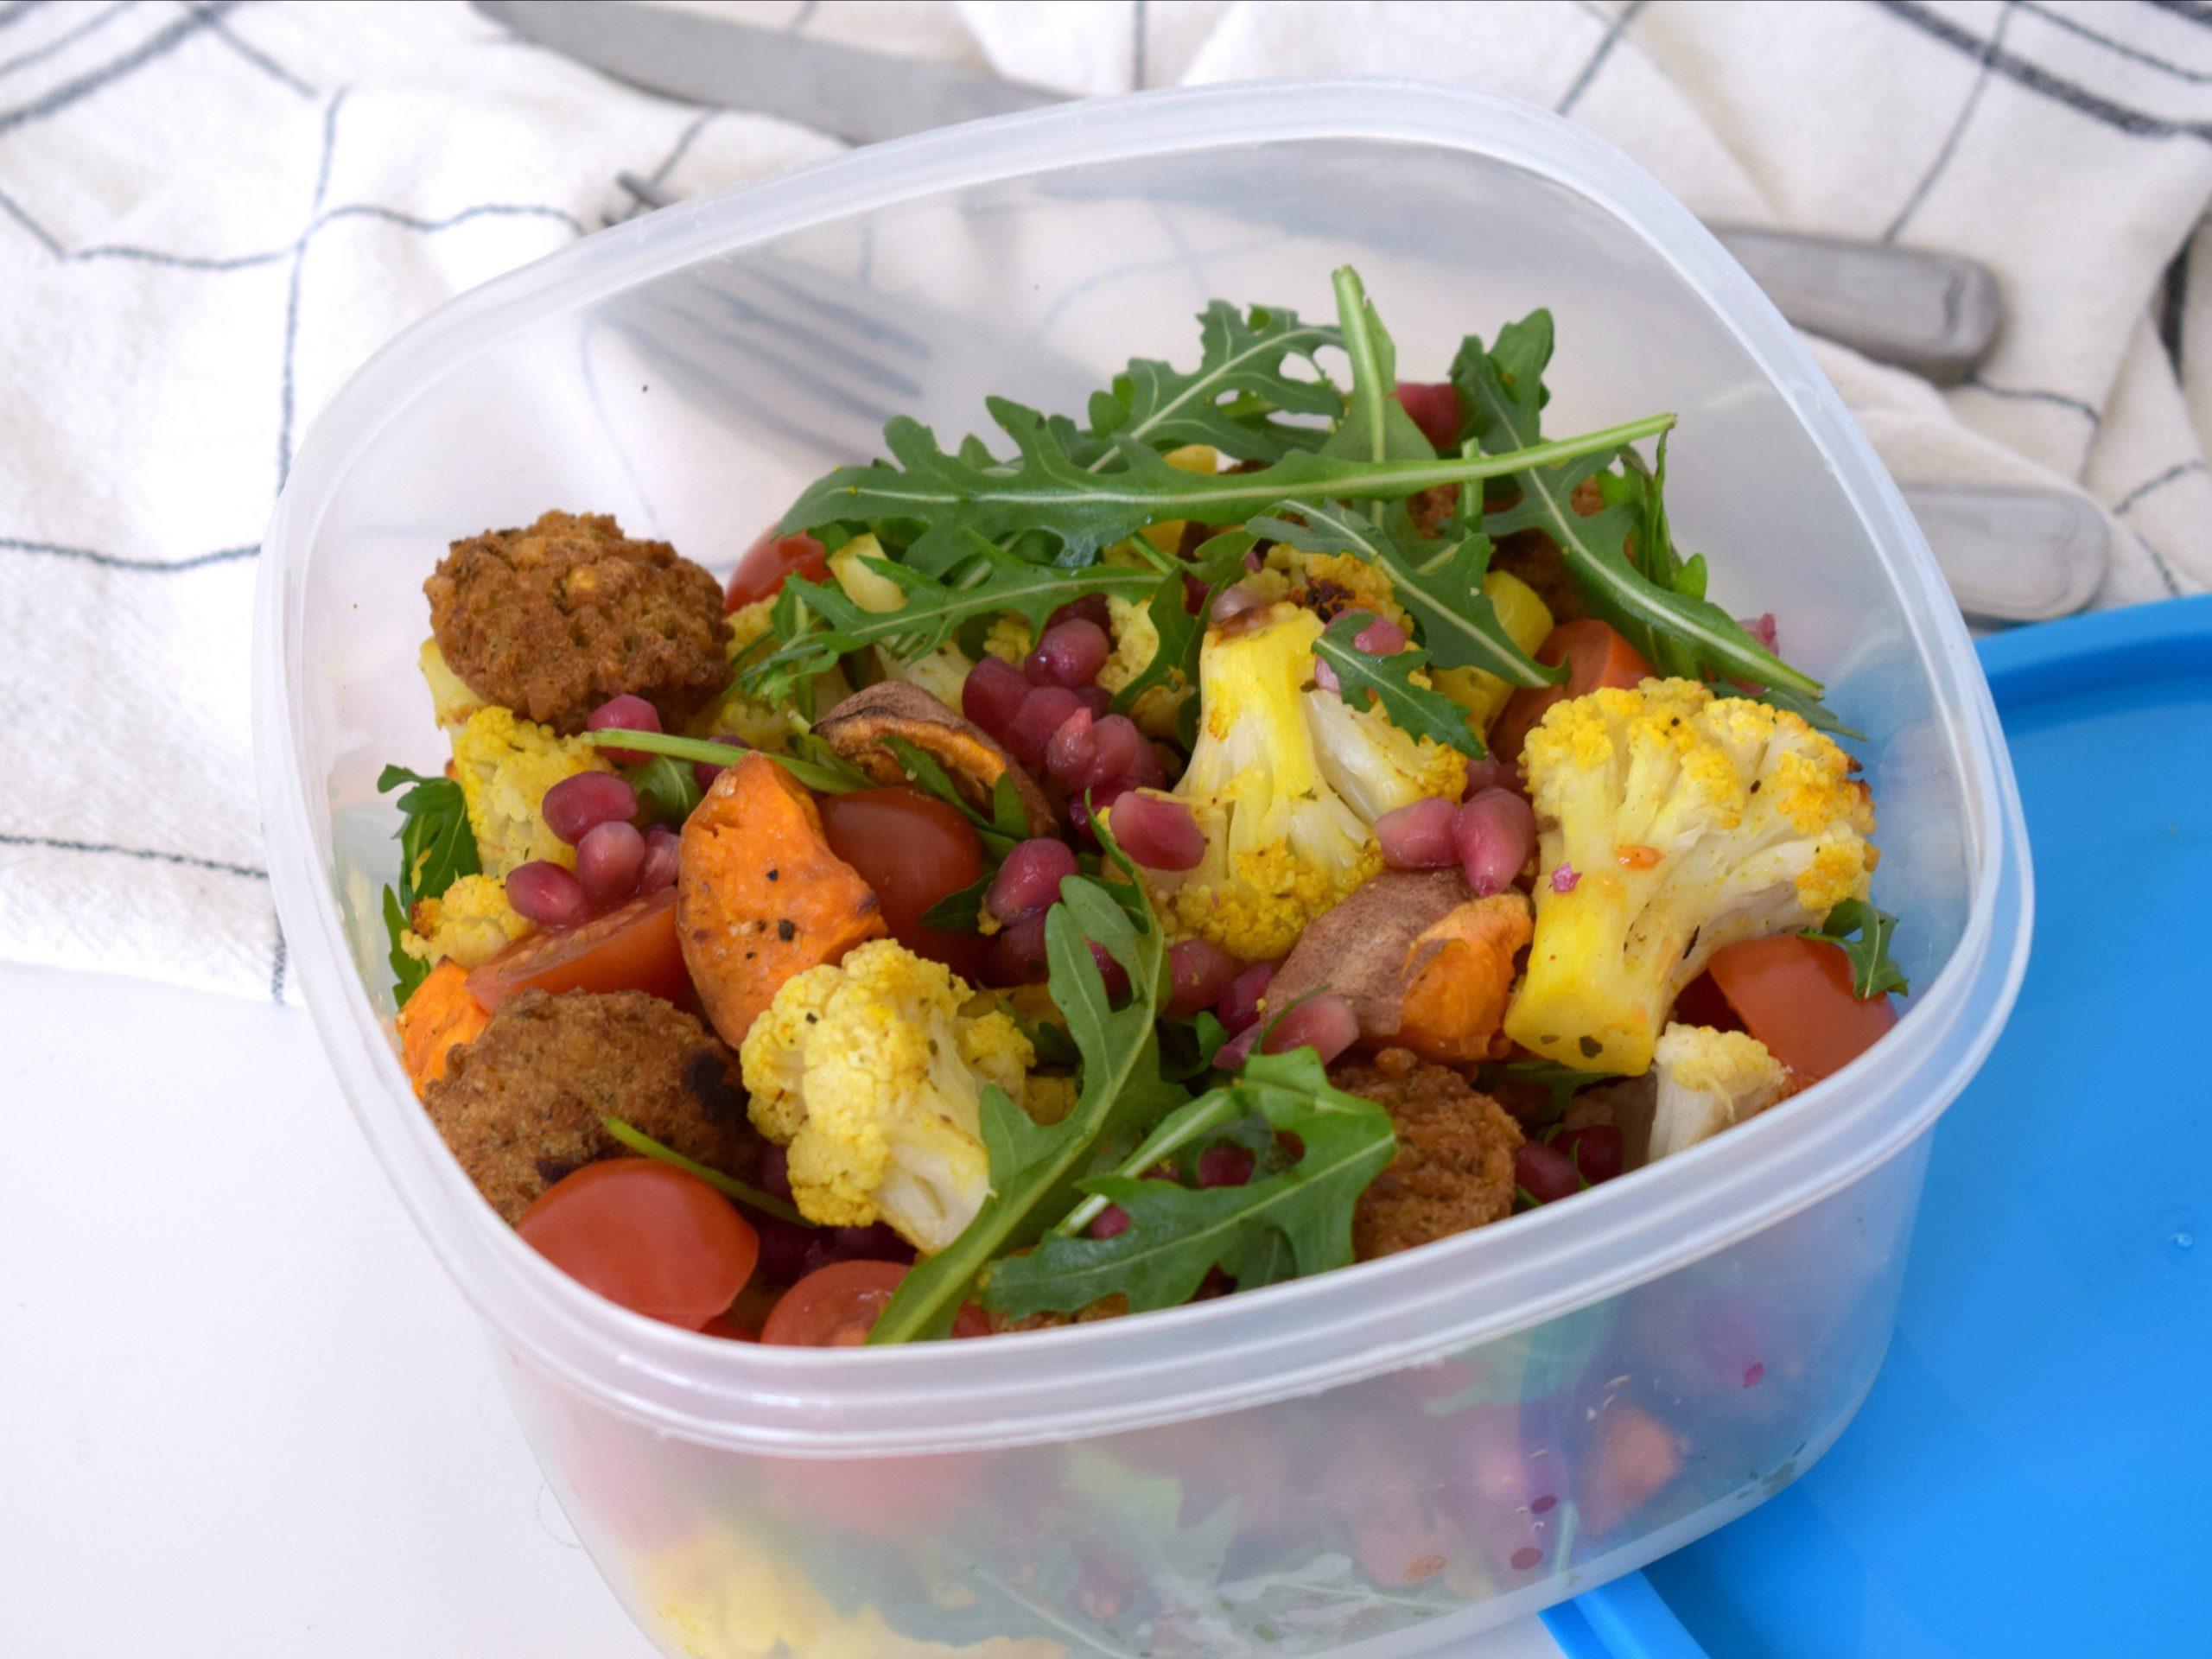 Bloemkool zoete aardappel salade uit de oven: Tupperware Thursday